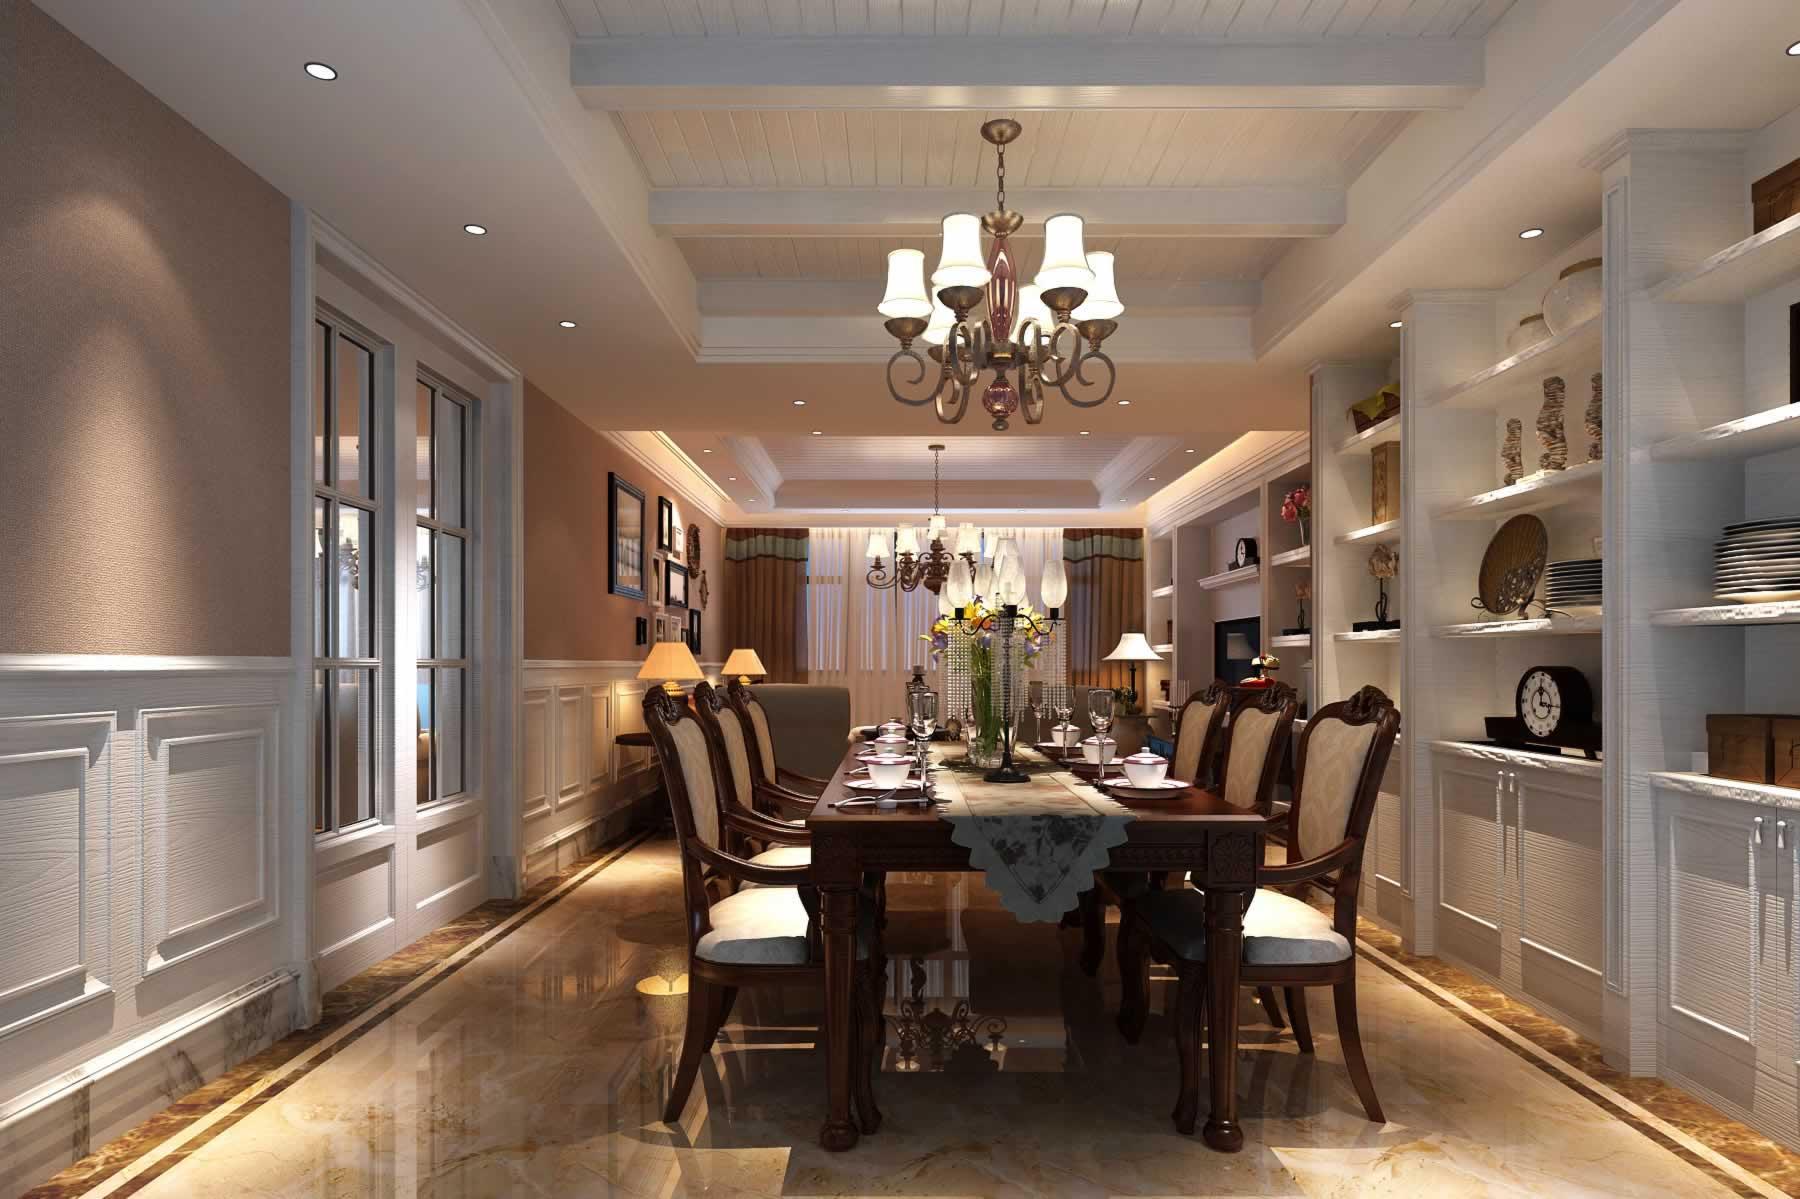 美式餐厅博古架图片欣赏 - 九正家居装修效果图